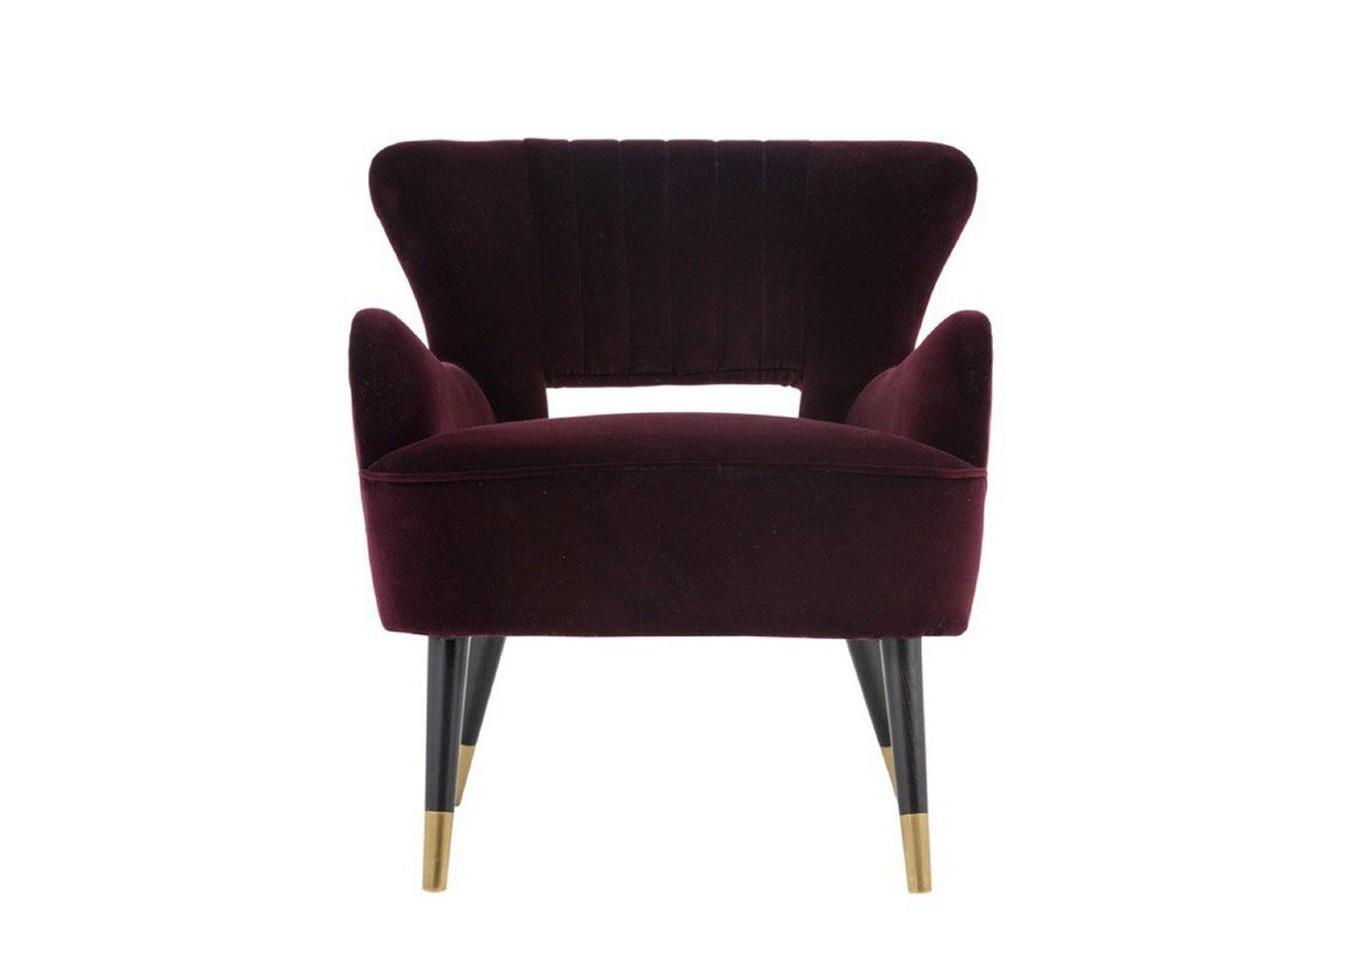 Кресло SwanИнтерьерные кресла<br>Очень женское и одновременно смелое кресло Swan собственной разработки Icon Designe подойдёт для современных эклектичных интерьеров. Модель представлена в мягкой, бархатистой ткани микровелюр, которая отлично пропускает воздух, отталкивает пыль и долго сохраняет изначальный цвет, не протираясь и не выцветая.&amp;amp;nbsp;&amp;lt;div&amp;gt;&amp;lt;div&amp;gt;&amp;lt;br&amp;gt;&amp;lt;/div&amp;gt;&amp;lt;div&amp;gt;Каркас и ножки дивана выполнены из дуба.&amp;amp;nbsp;&amp;lt;/div&amp;gt;&amp;lt;div&amp;gt;Можно подобрать ткань на Ваш вкус из других коллекций.&amp;lt;/div&amp;gt;&amp;lt;/div&amp;gt;<br><br>Material: Велюр<br>Ширина см: 66<br>Высота см: 74<br>Глубина см: 68